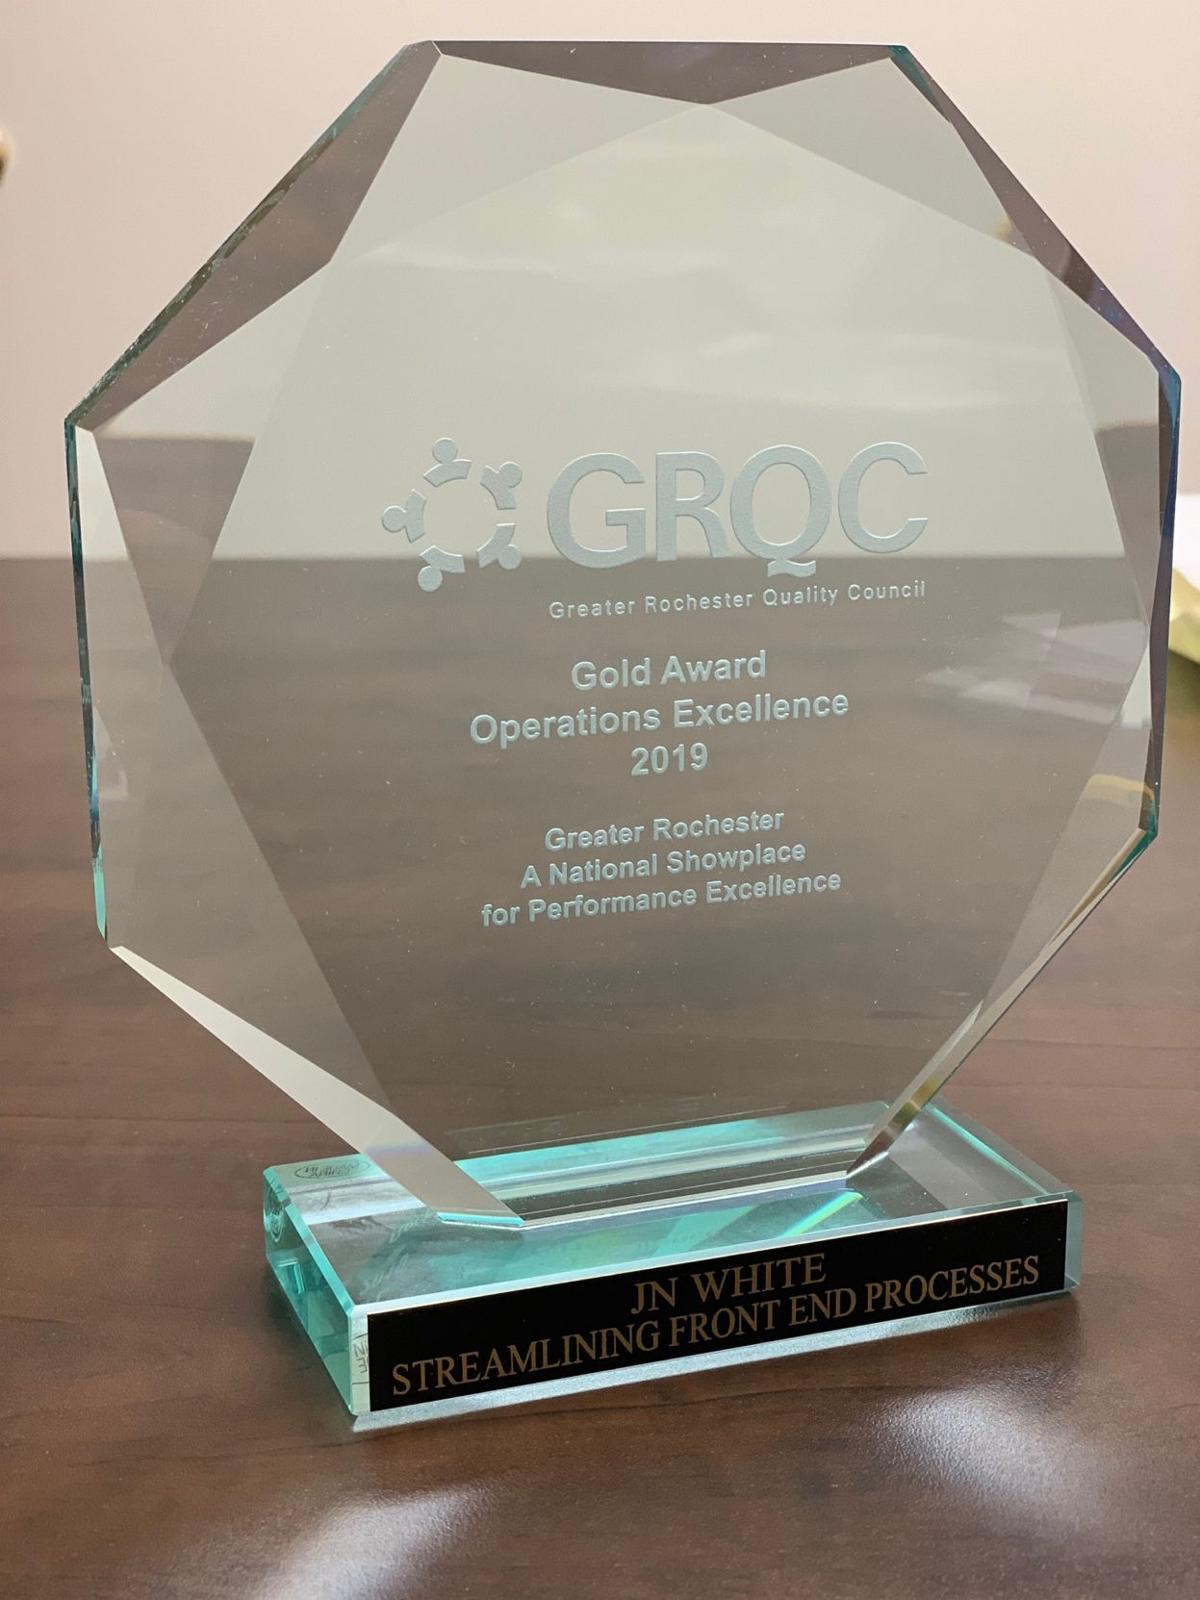 JN White wins prestigious quality award